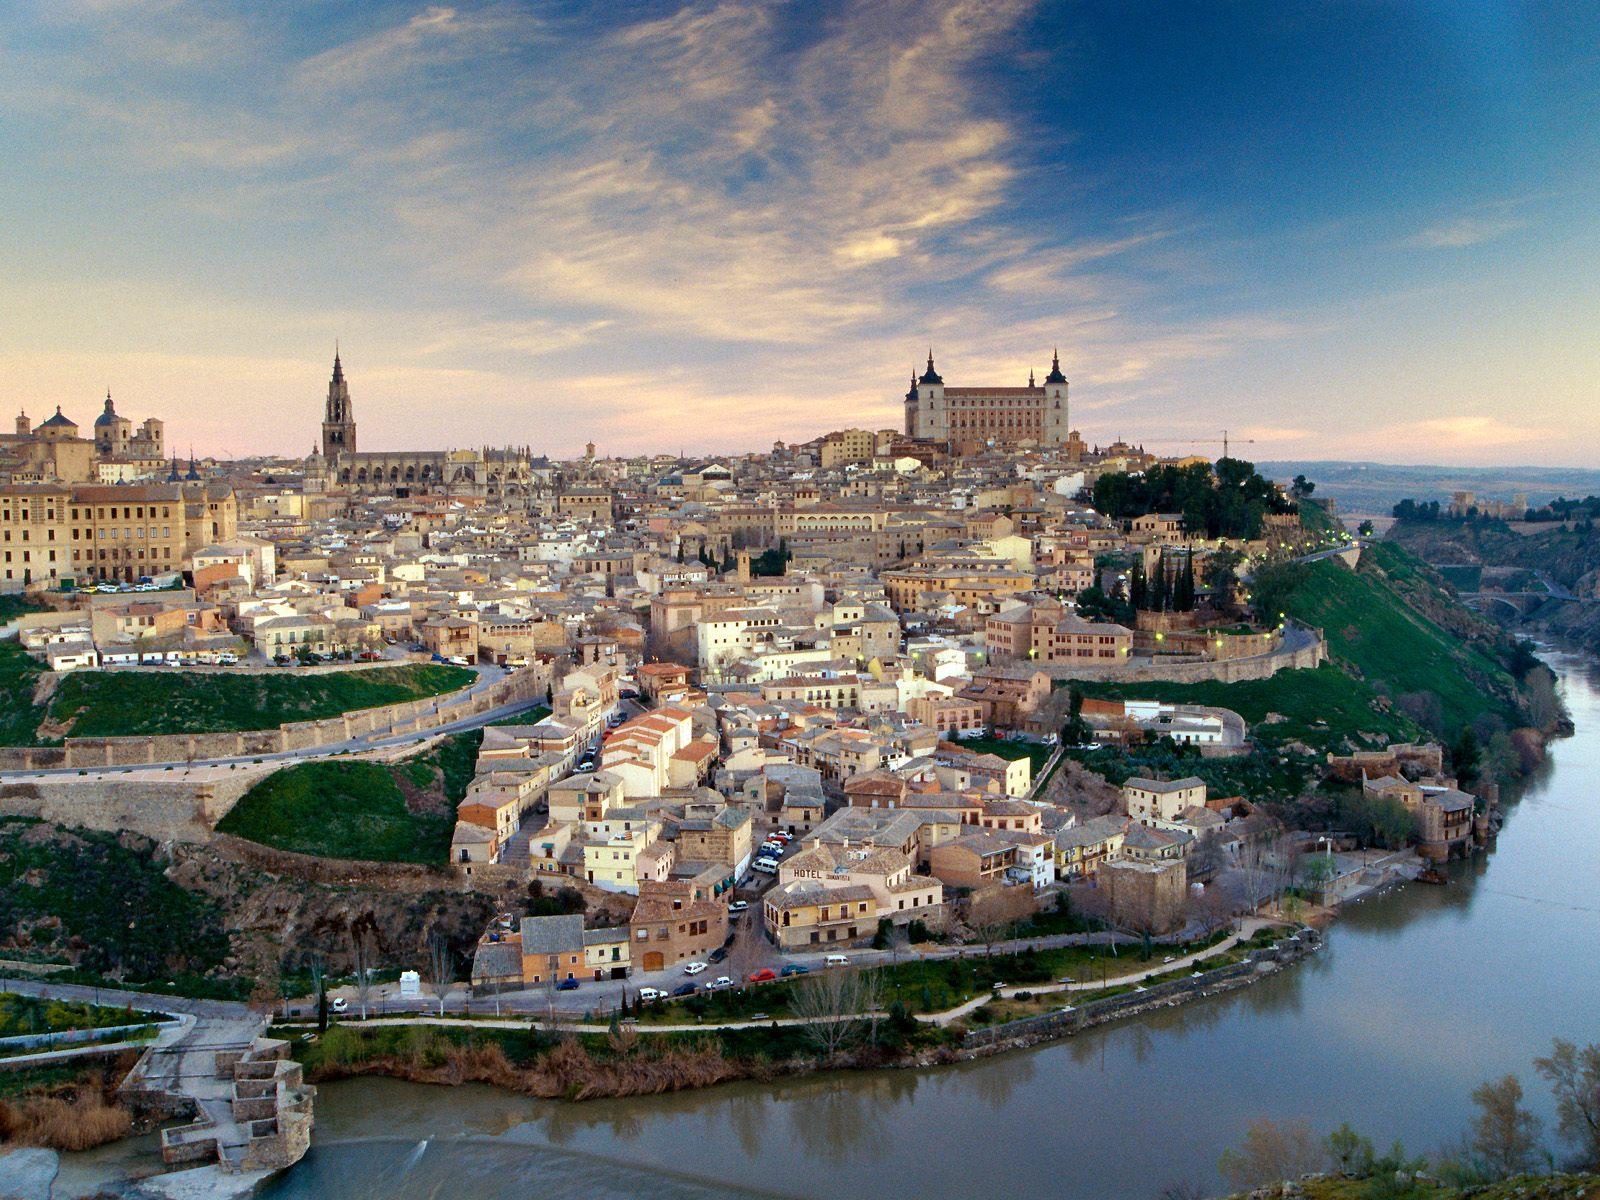 西班牙風光圖片,點擊下載壁紙